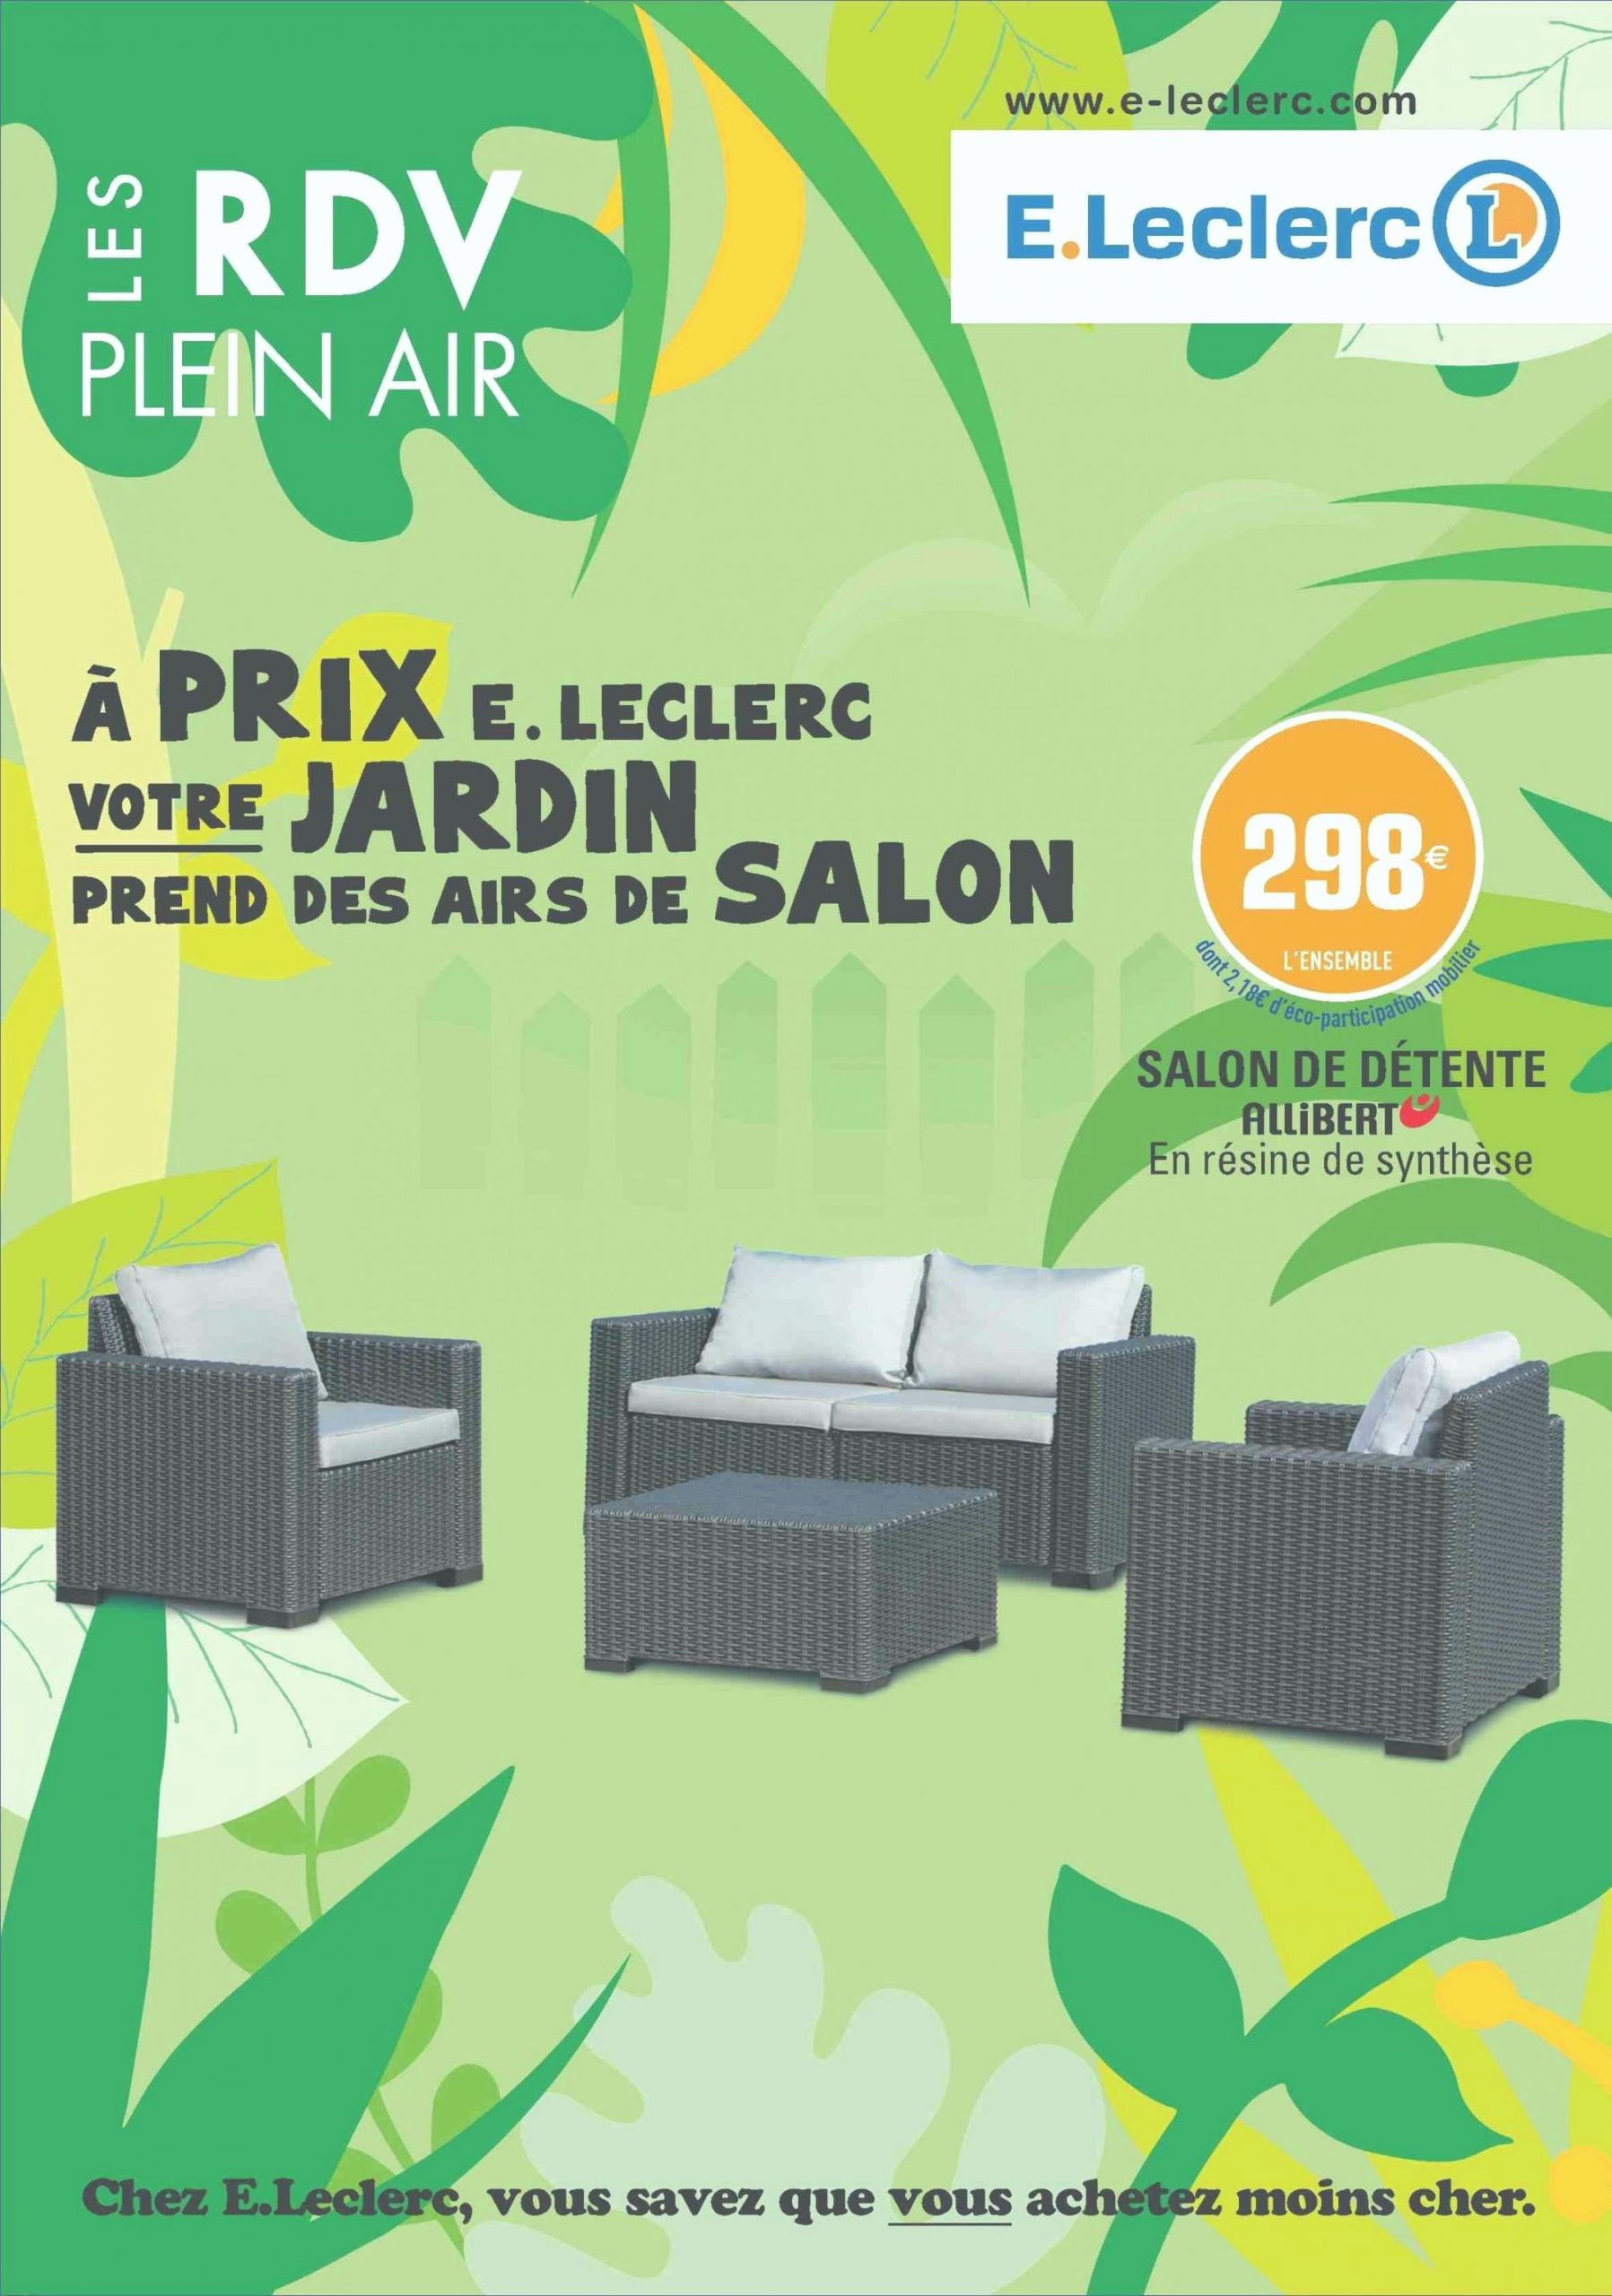 Table De Salon De Jardin Leclerc Inspirant Meuble Salle De ... serapportantà Abris Jardin Leclerc